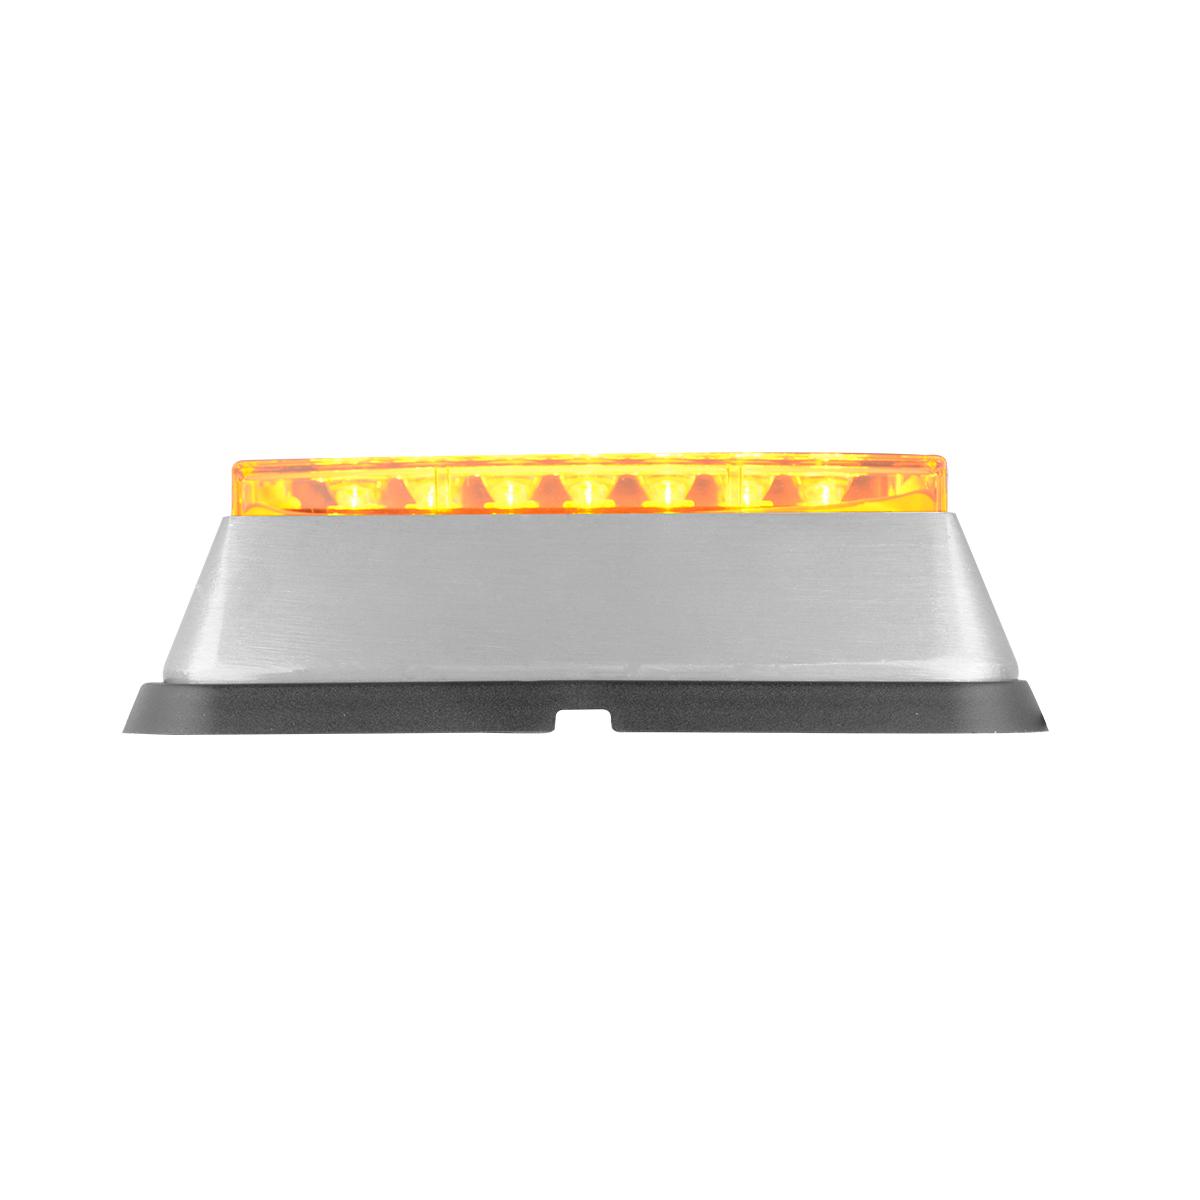 81821 Amber/Clear Medium Rectangular 14 LED Strobe Light